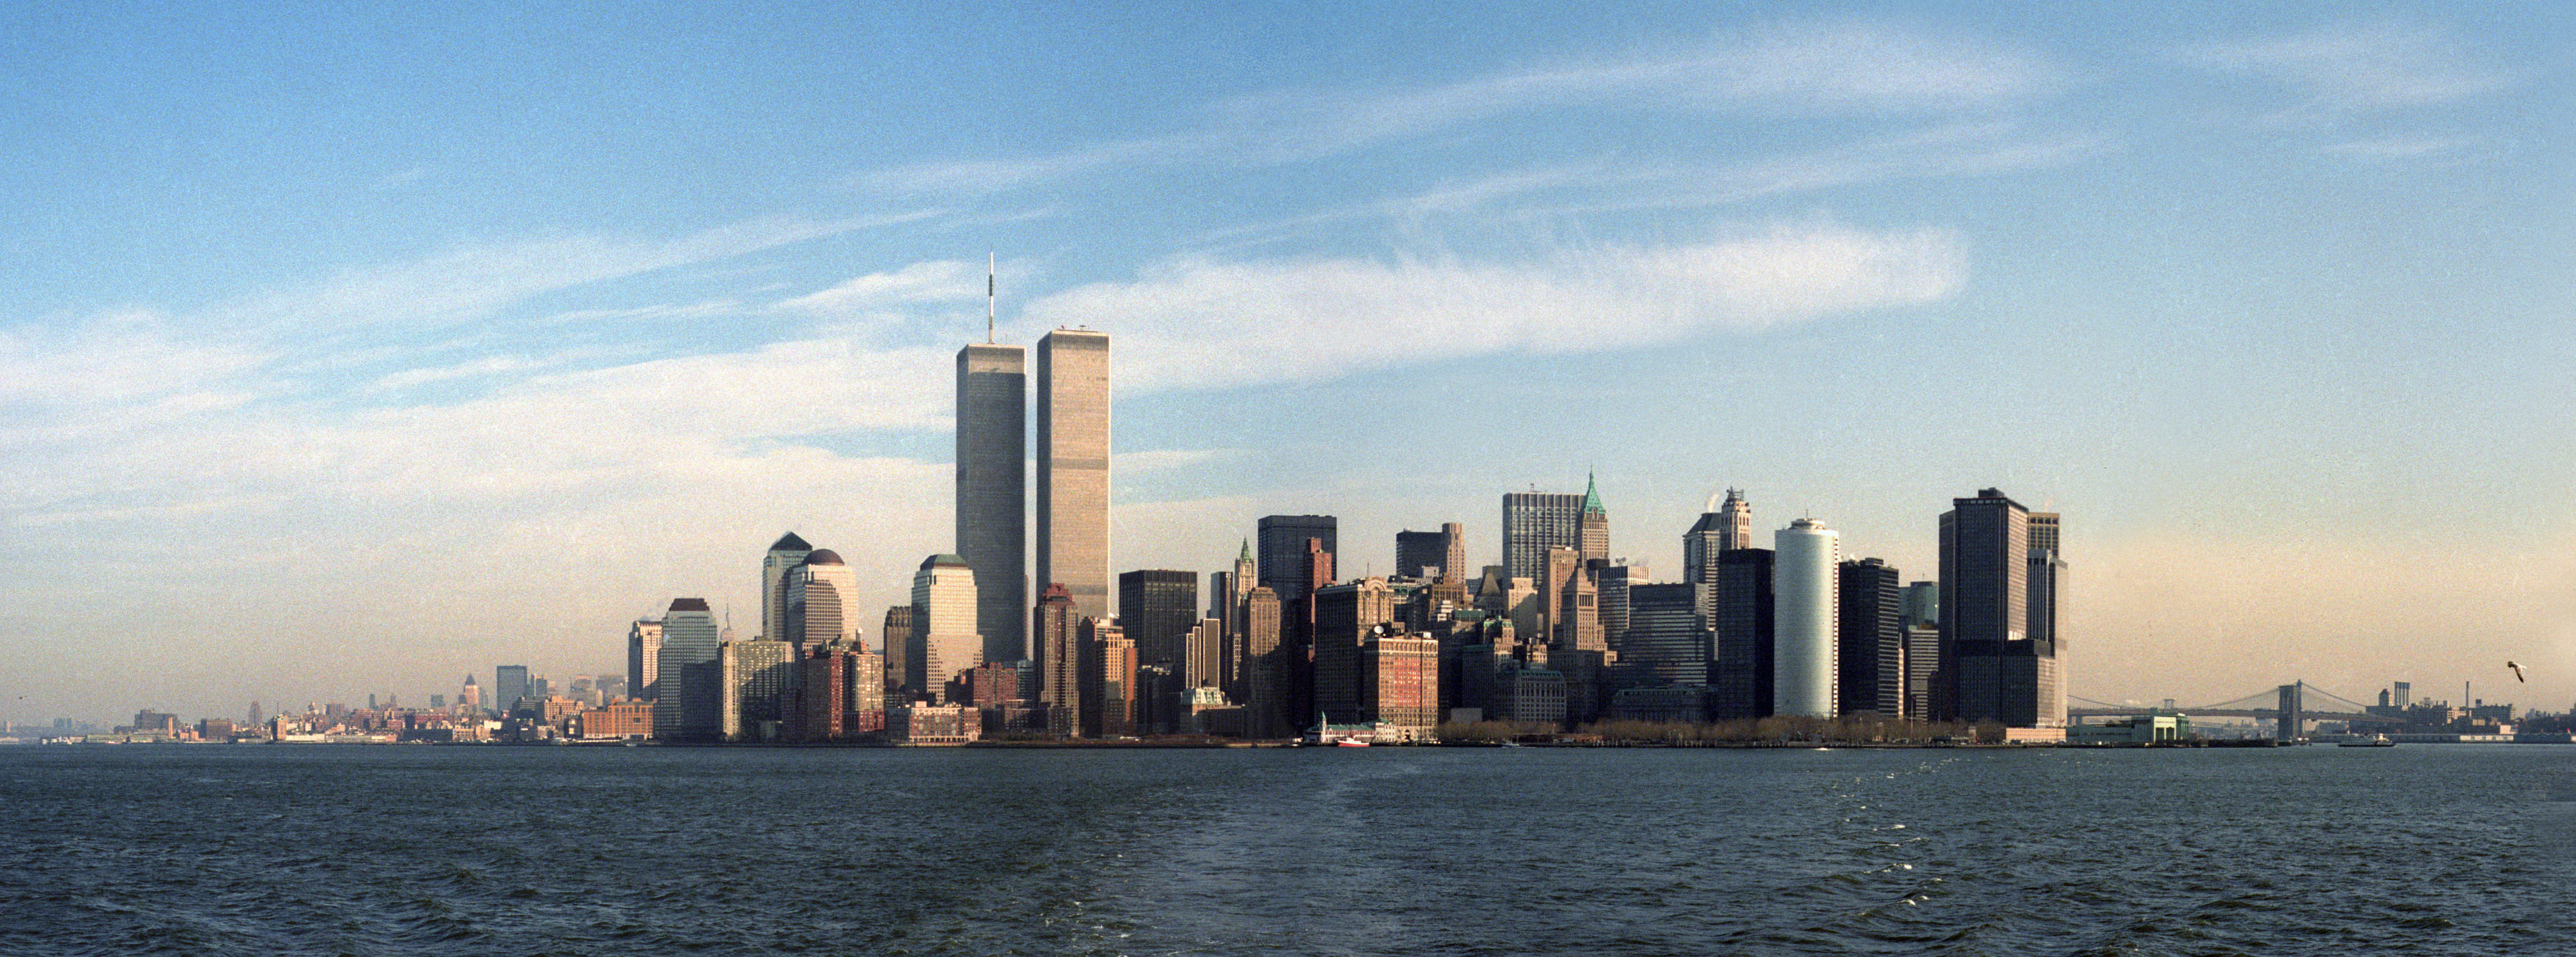 Lower_Manhattan_Skyline_December_1991_3